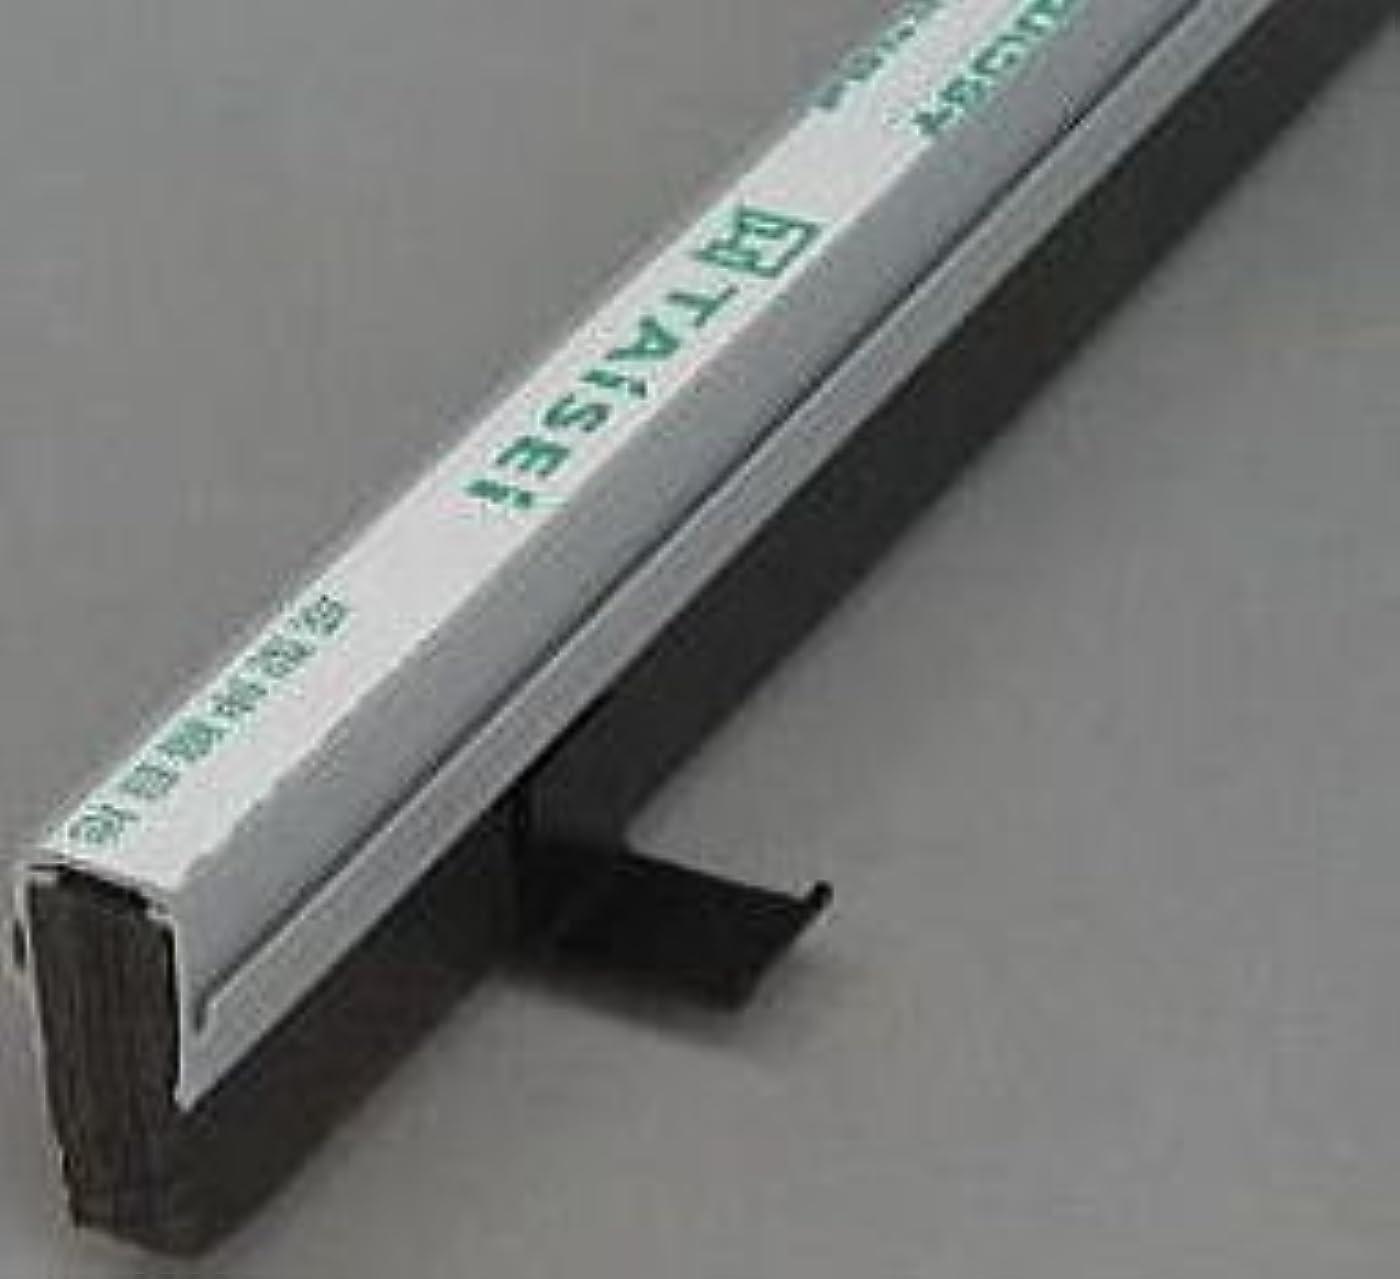 地域倫理的外向きタイセイ エキスパンタイ グレー TJ-20×60(旧TK-20×60) キャップ幅 20mmx高さ60mm 1.5m 34本 51m分1ケース